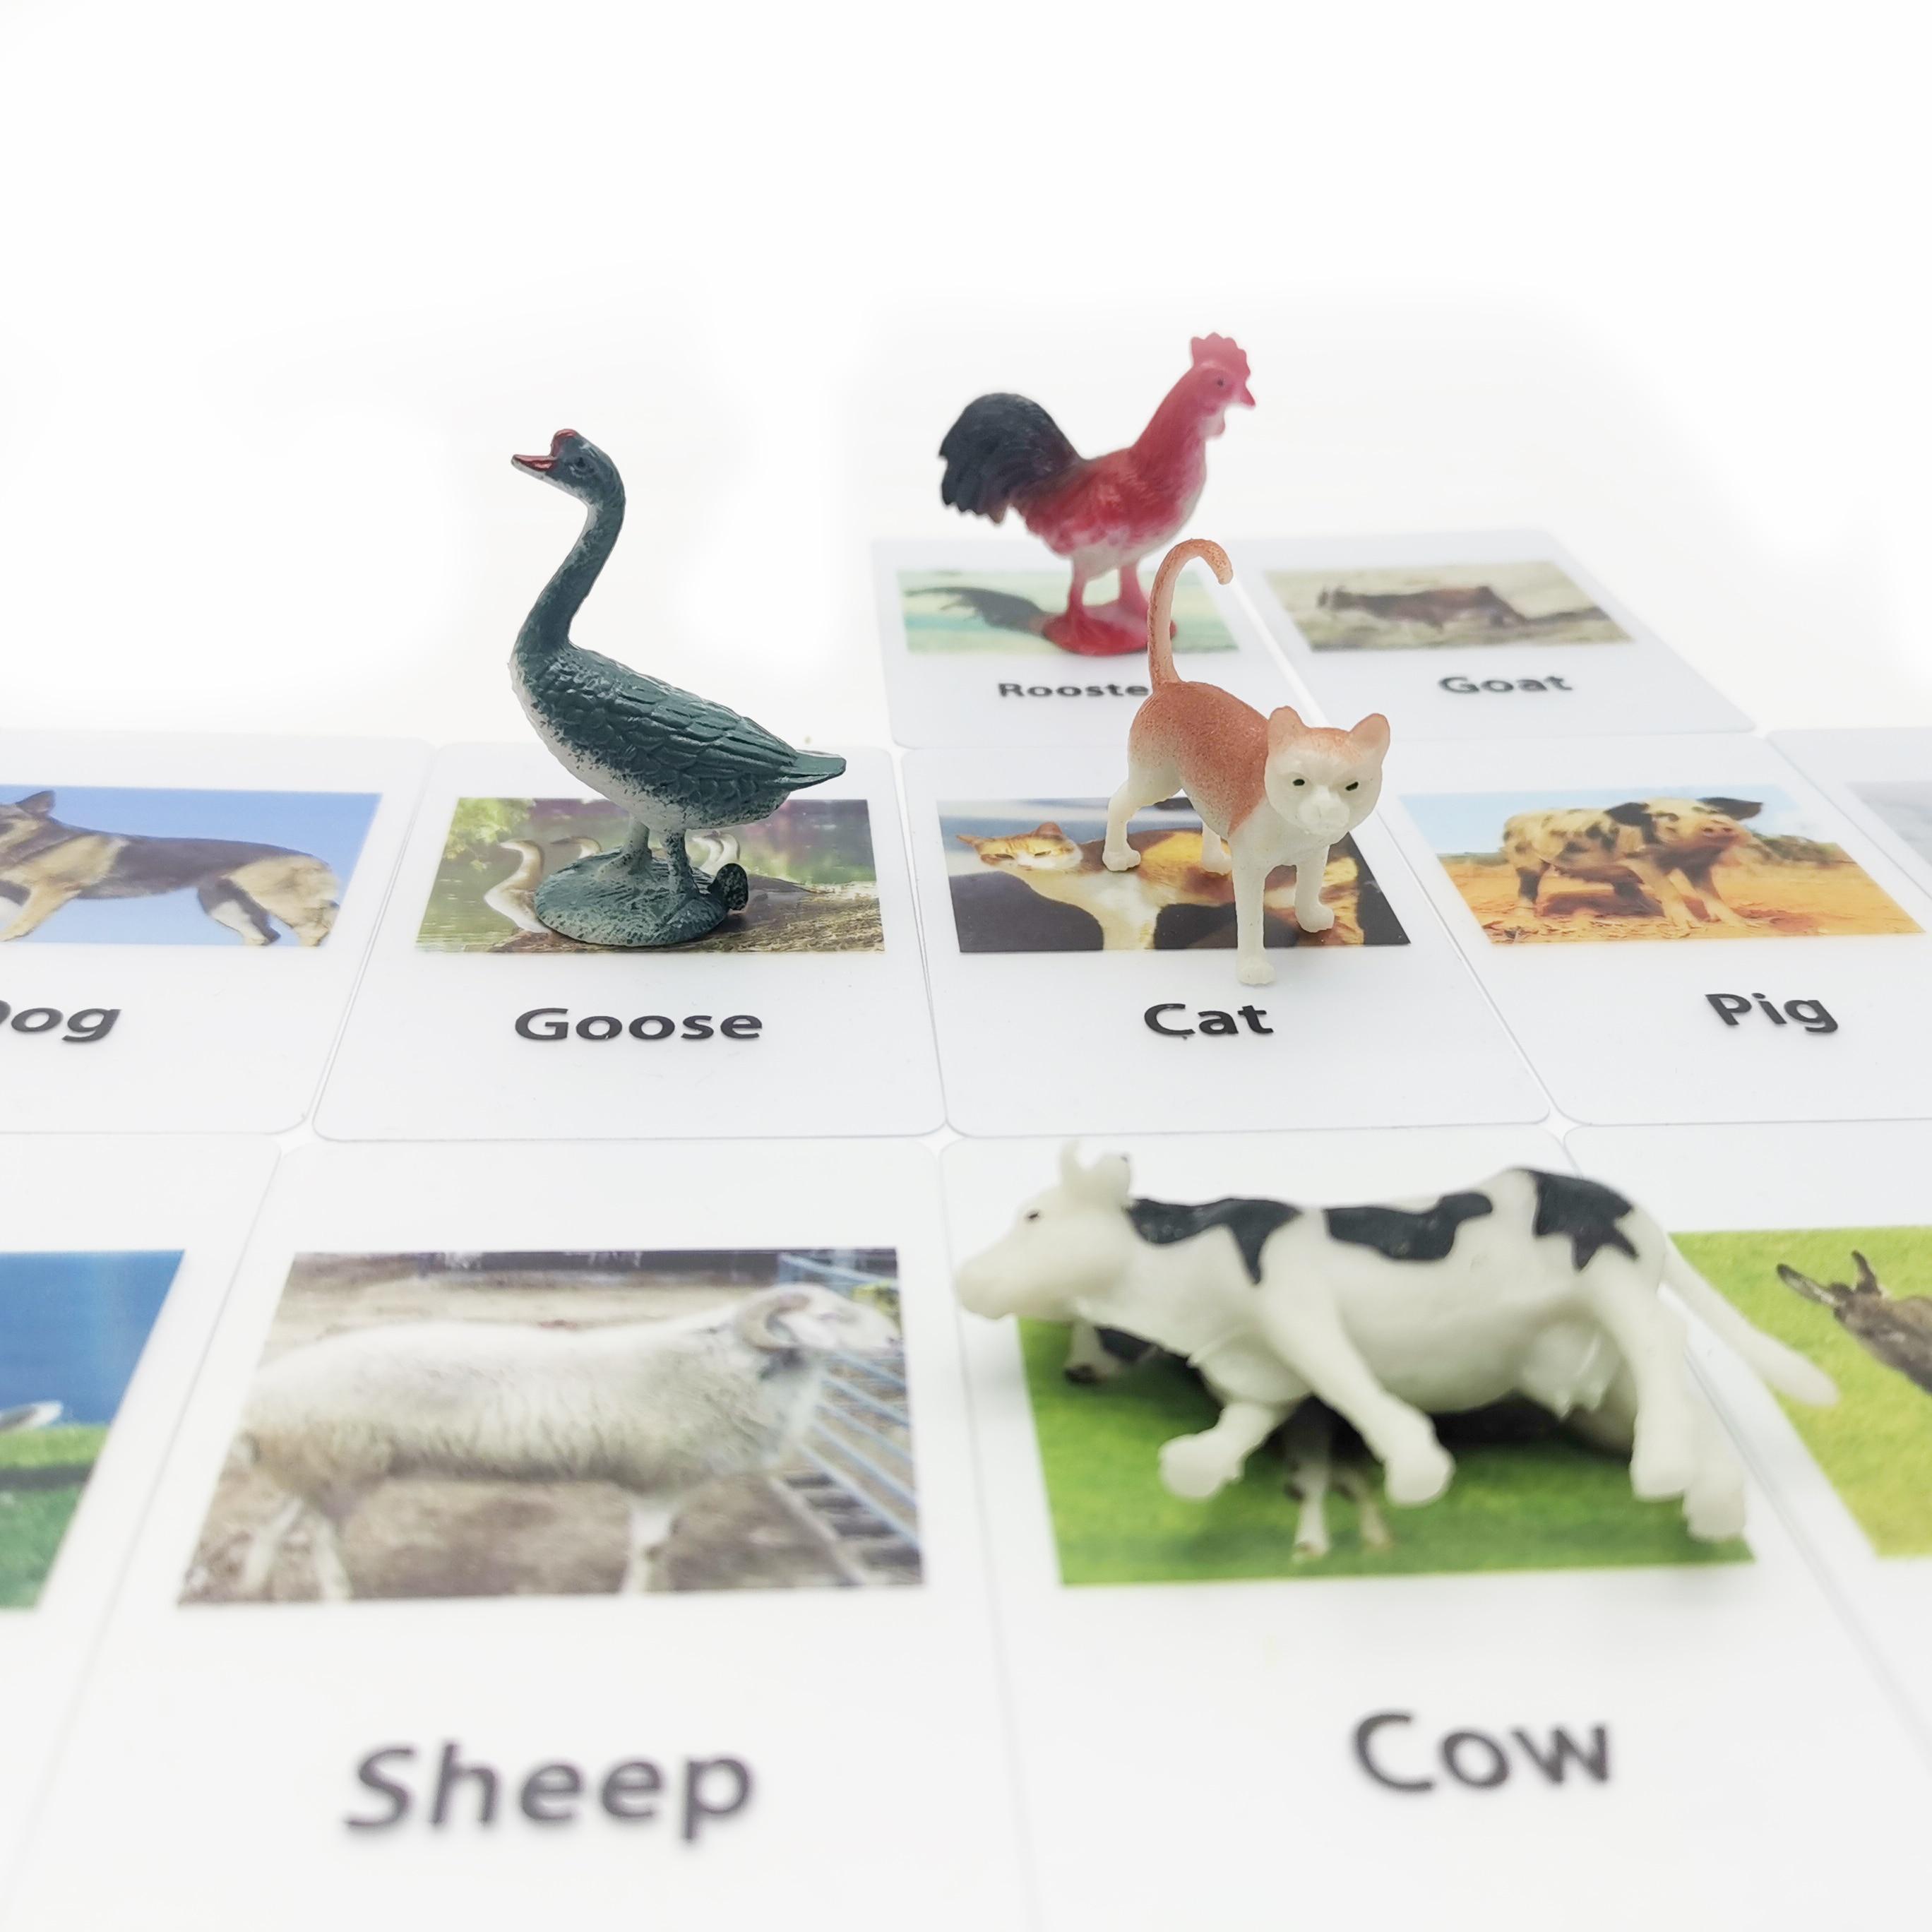 Обучающие материалы Монтессори, игрушки, карты и фигурки животных, обучающие материалы для игры на английском языке, игрушки